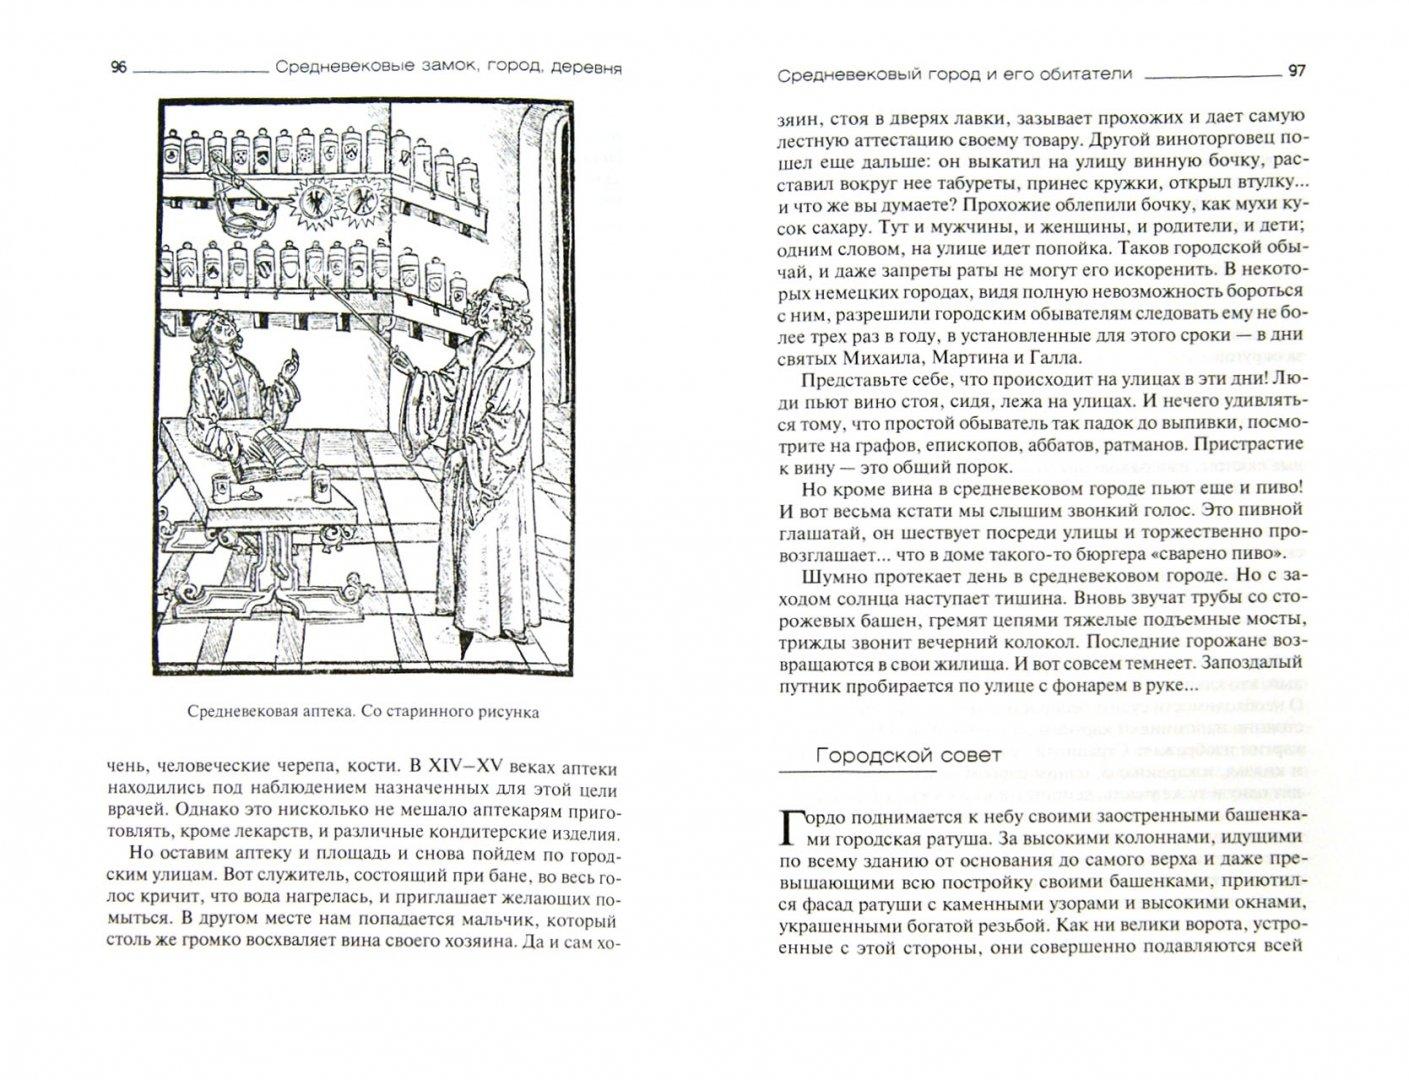 Иллюстрация 1 из 28 для Средневековые замок, город, деревня и их обитатели - Константин Иванов | Лабиринт - книги. Источник: Лабиринт